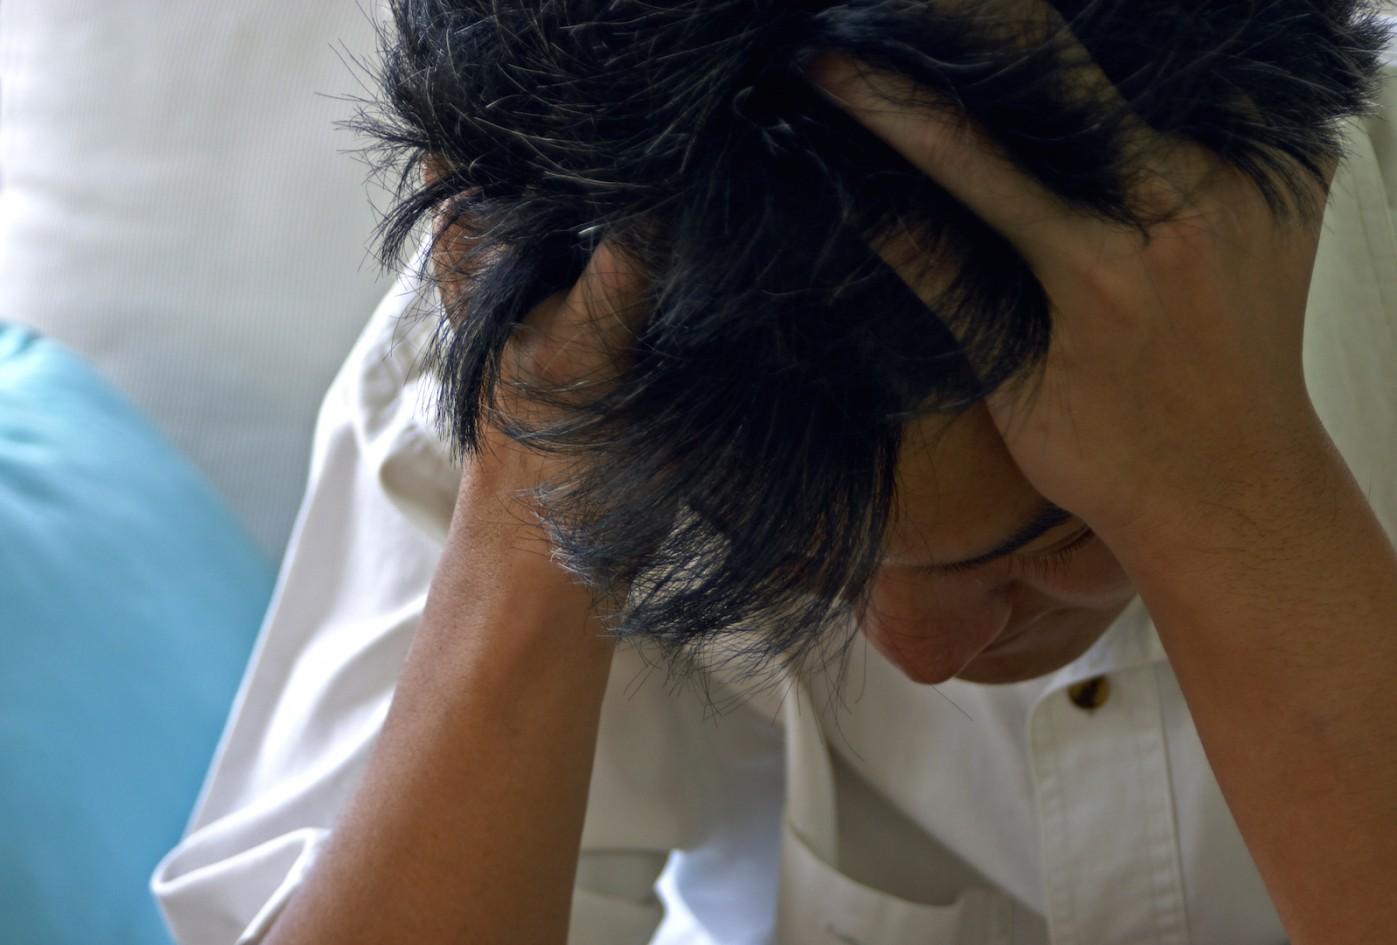 心の病気の症状別ケーススタディ「PTSD(心的外傷後ストレス障害)」(フラッシュバックに苦しむ)